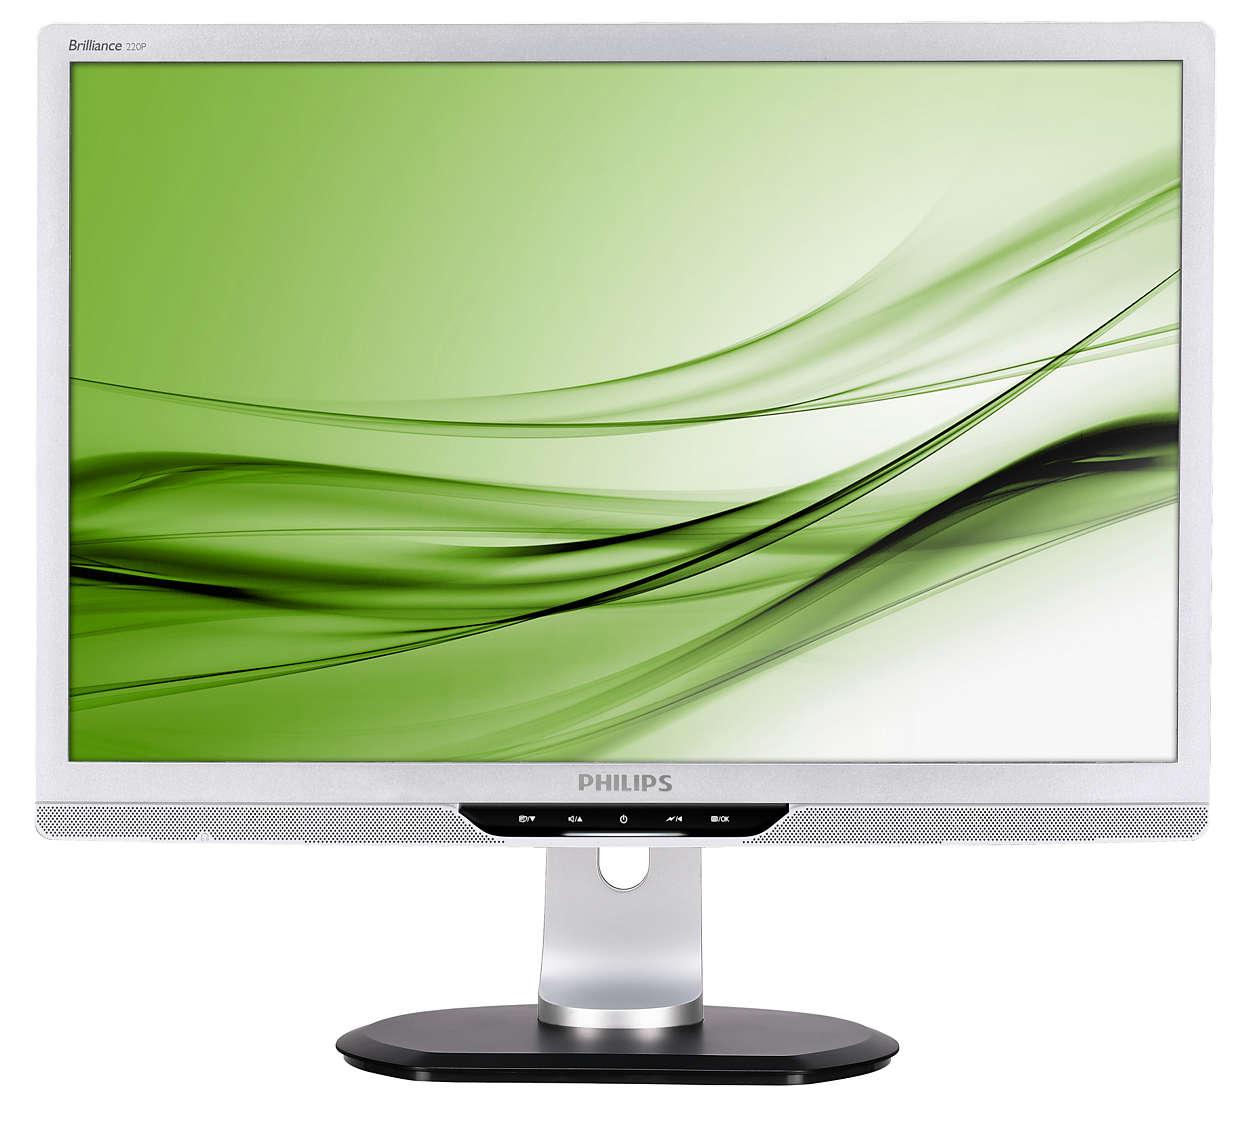 Profesjonell, miljøvennlig og ergonomisk skjerm